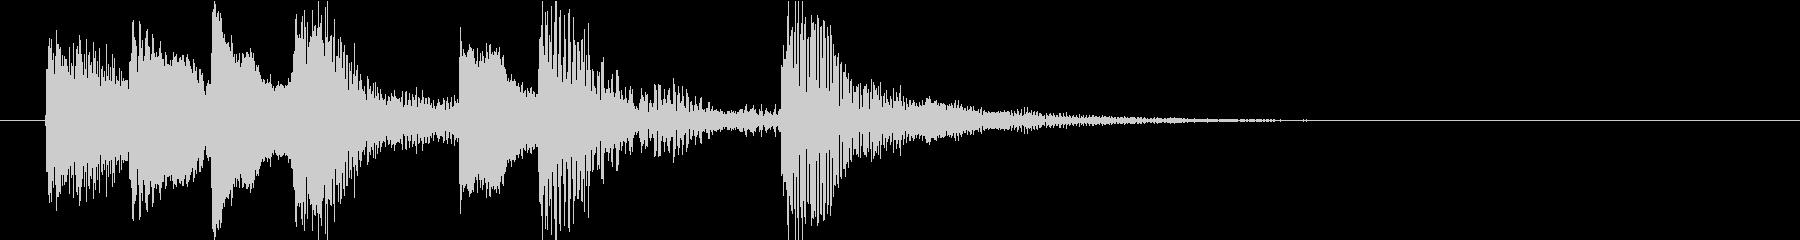 ピアノによるスピーディーで明るいジングルの未再生の波形